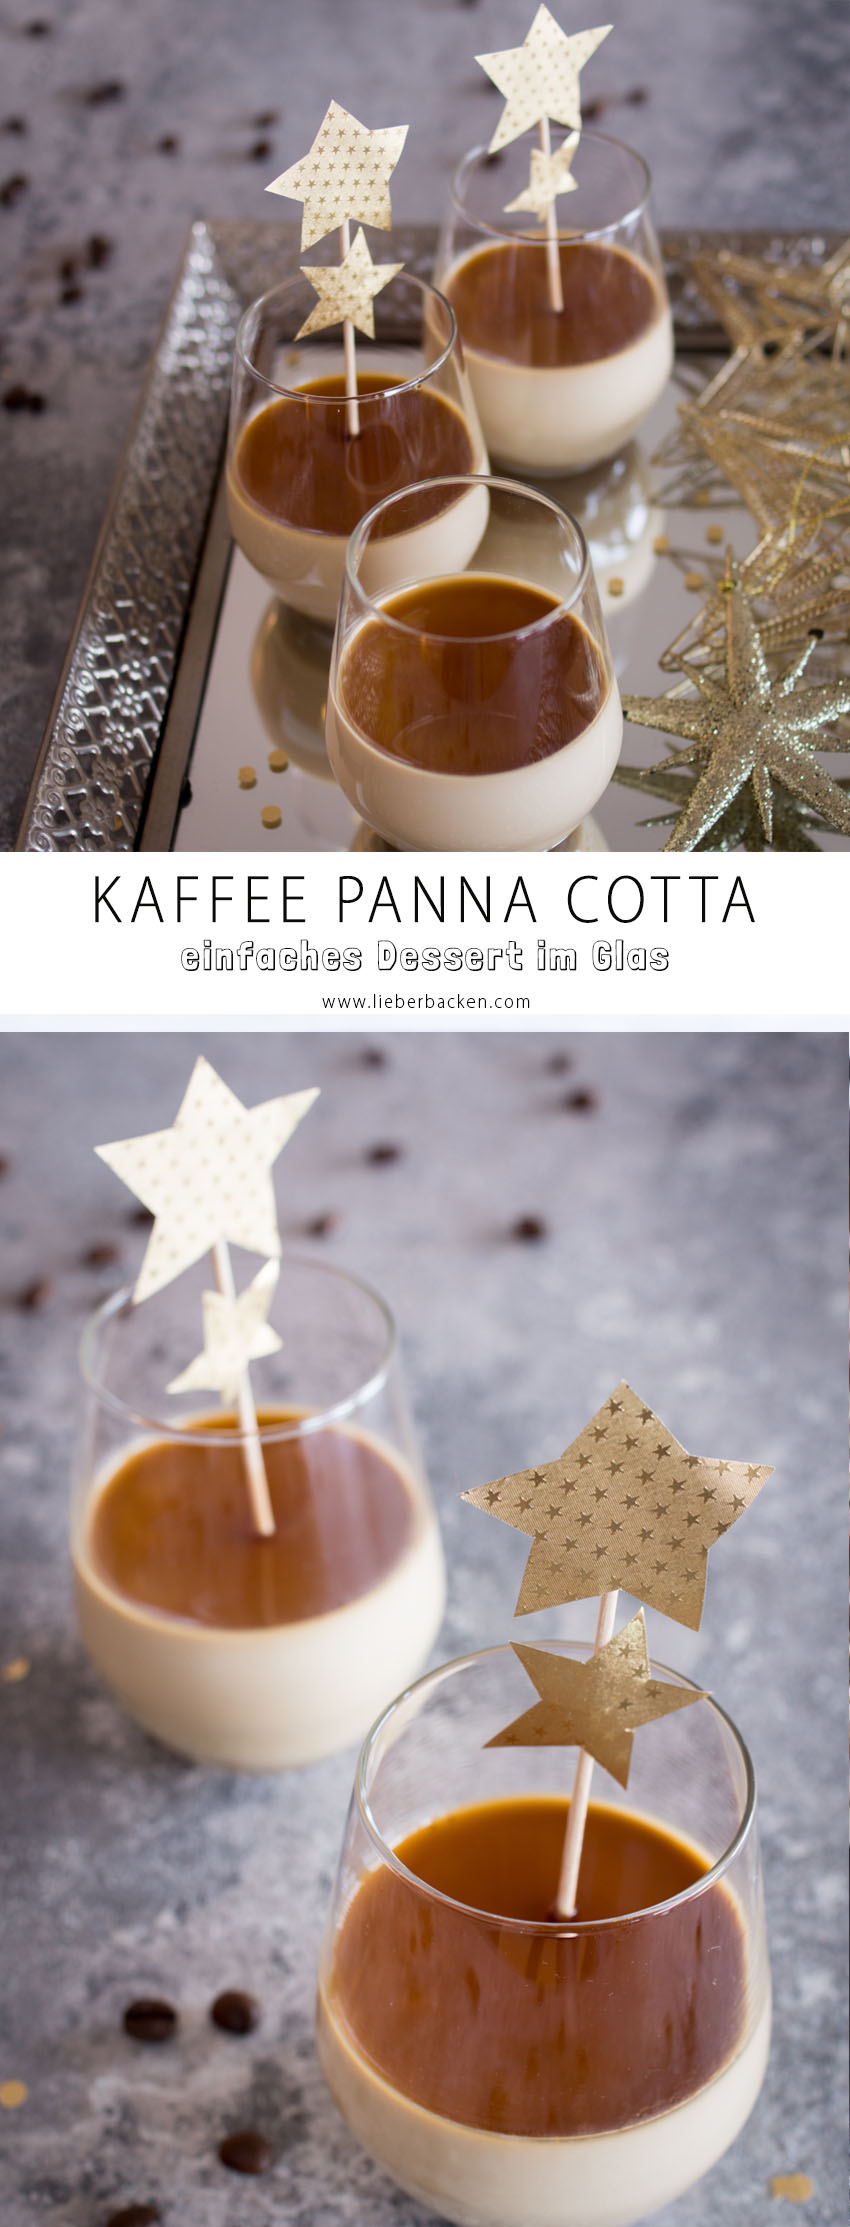 Kaffee Panna Cotta - einfaches Dessert im Glas (perfekt für Weihnachten und Silvester)